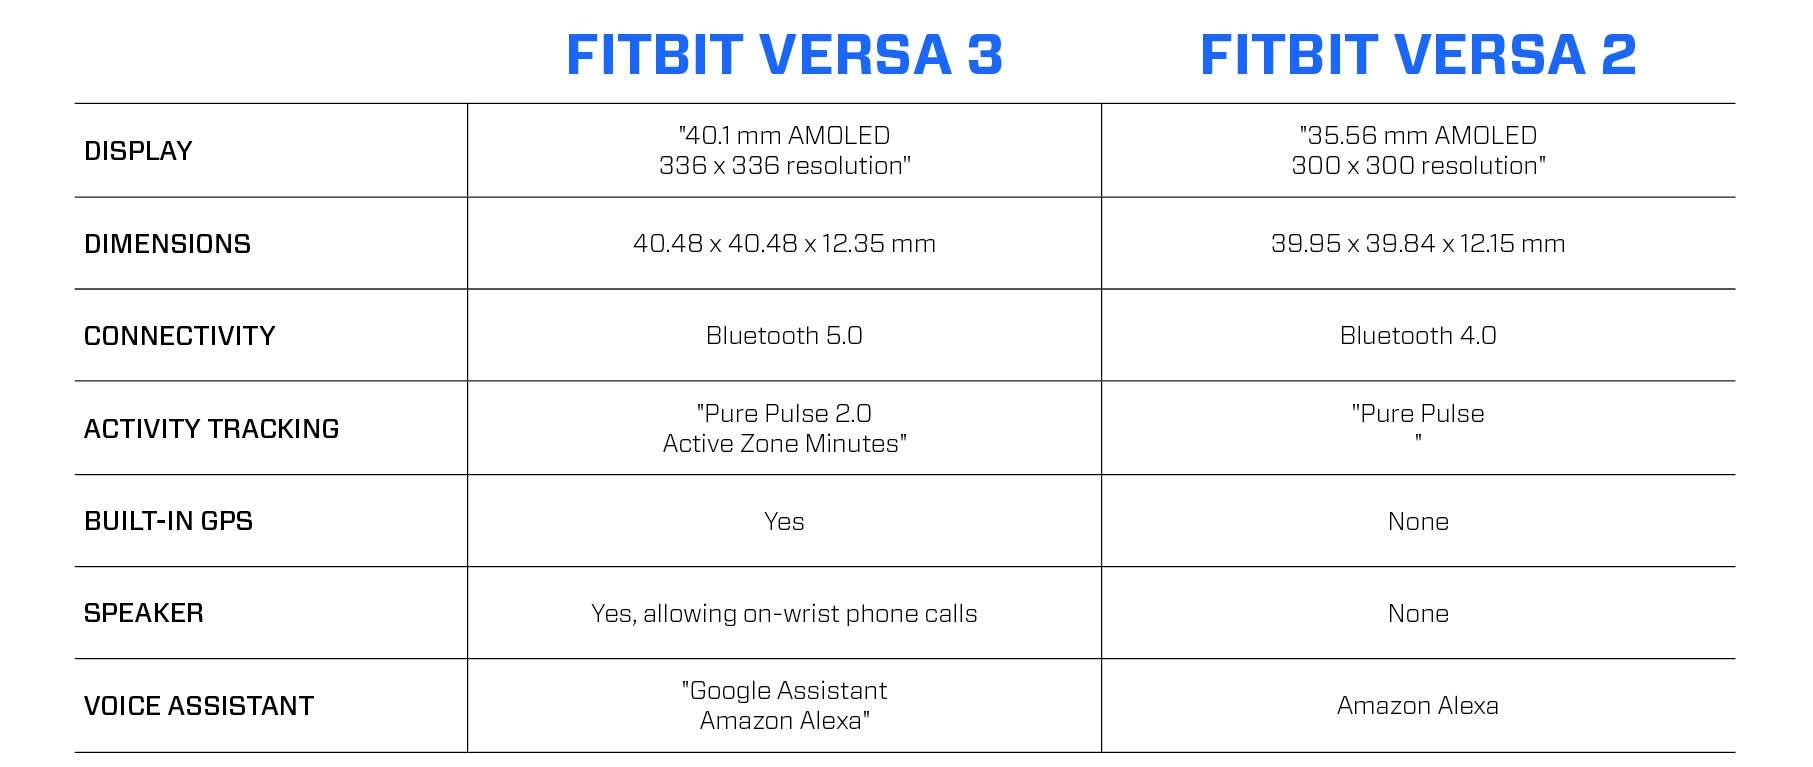 fitbit versa 3 vs fitbit versa 2